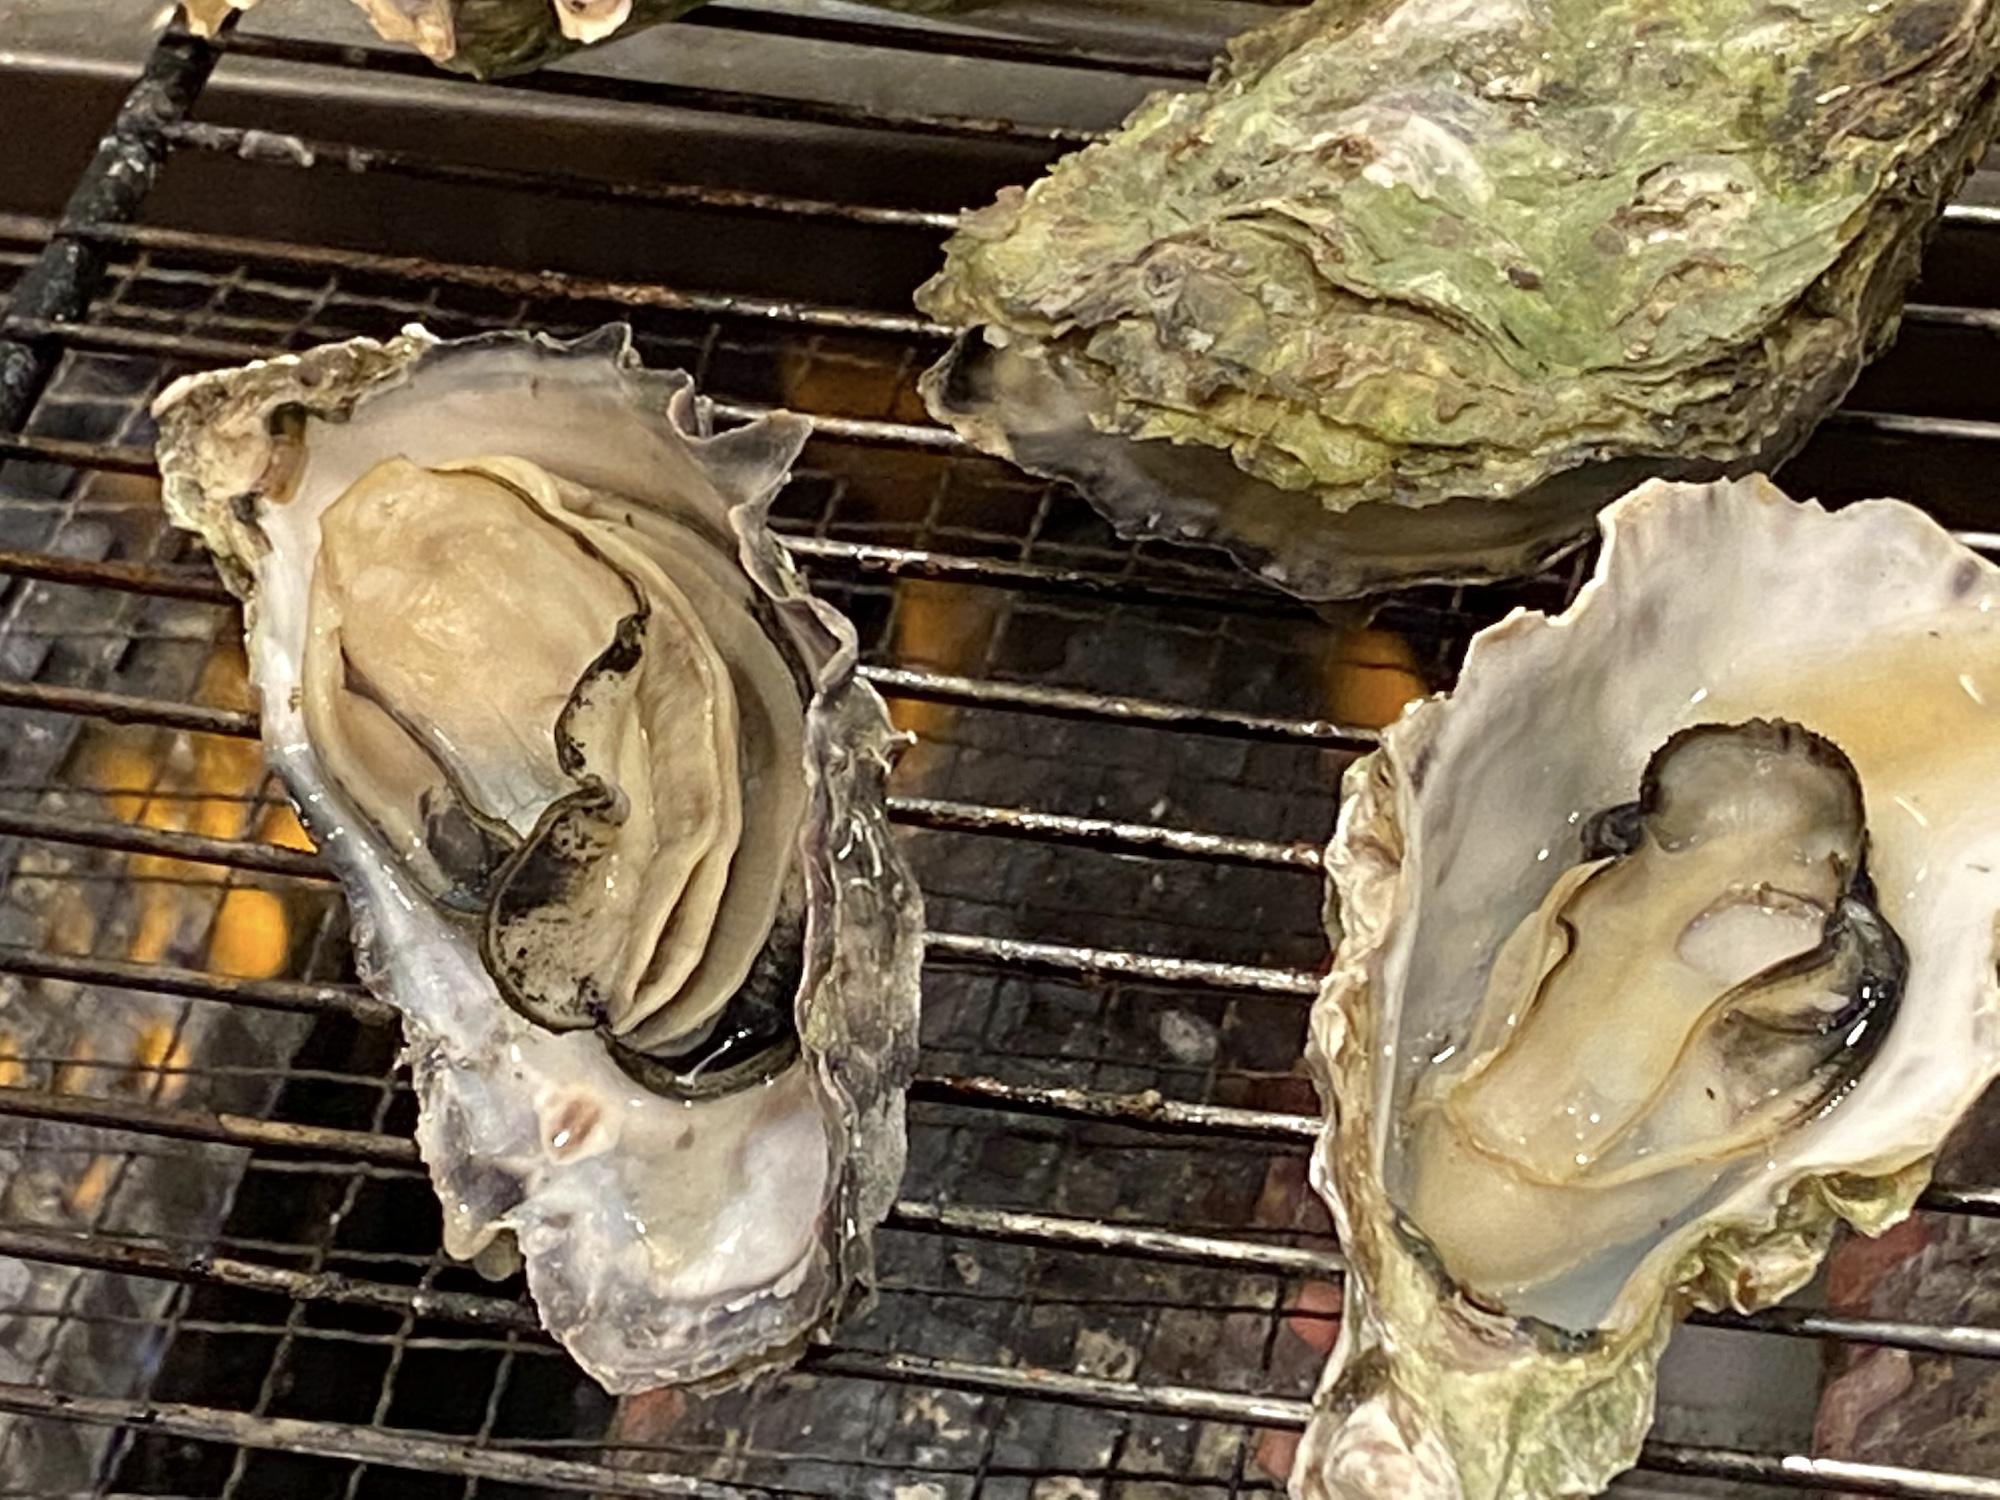 南伊勢から牡蠣の入荷が始まります!